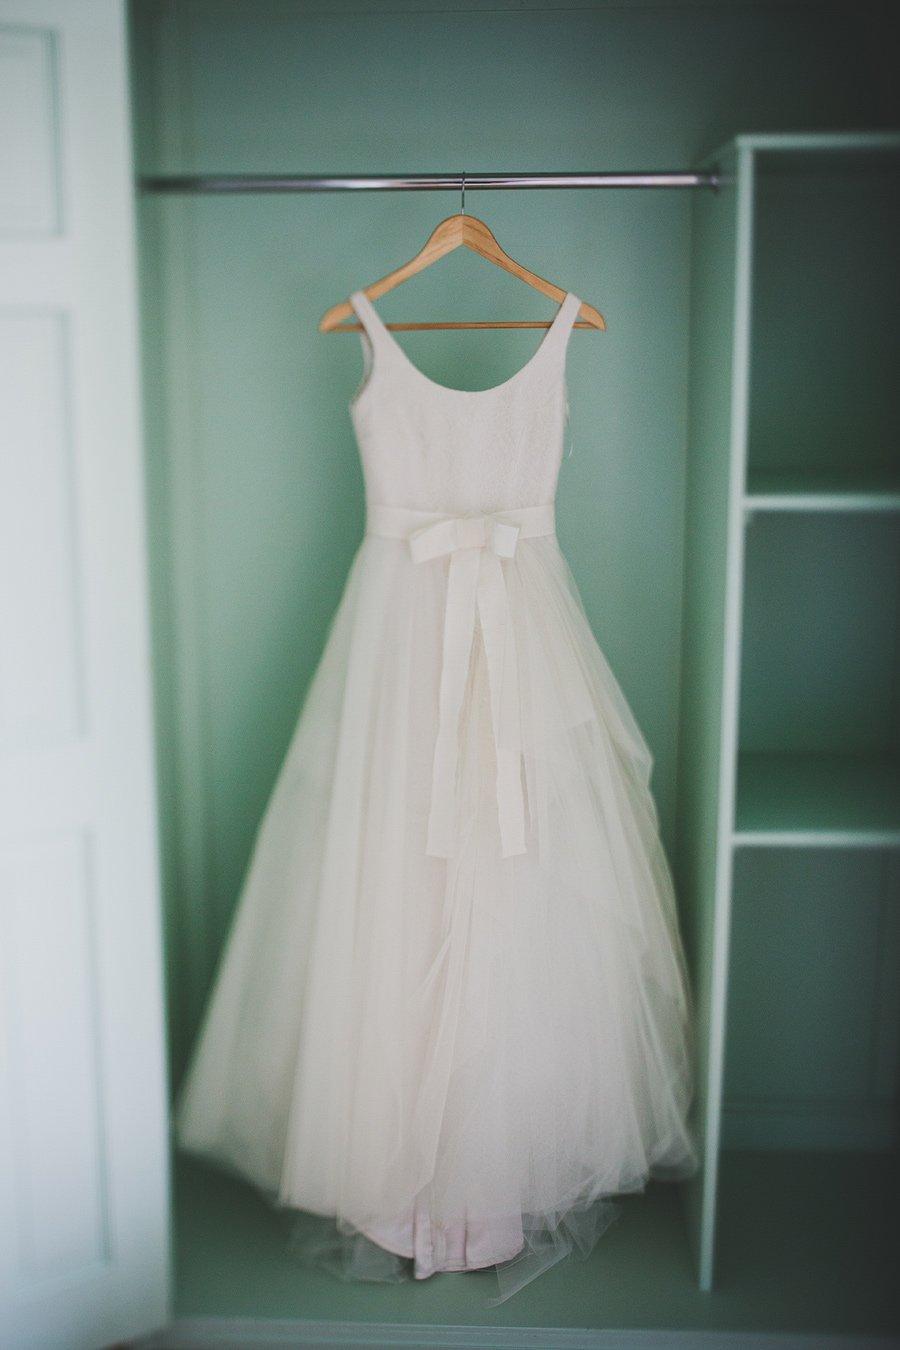 East-Meon-Wedding-Photography-Fazackarley-Katy-and-James-002